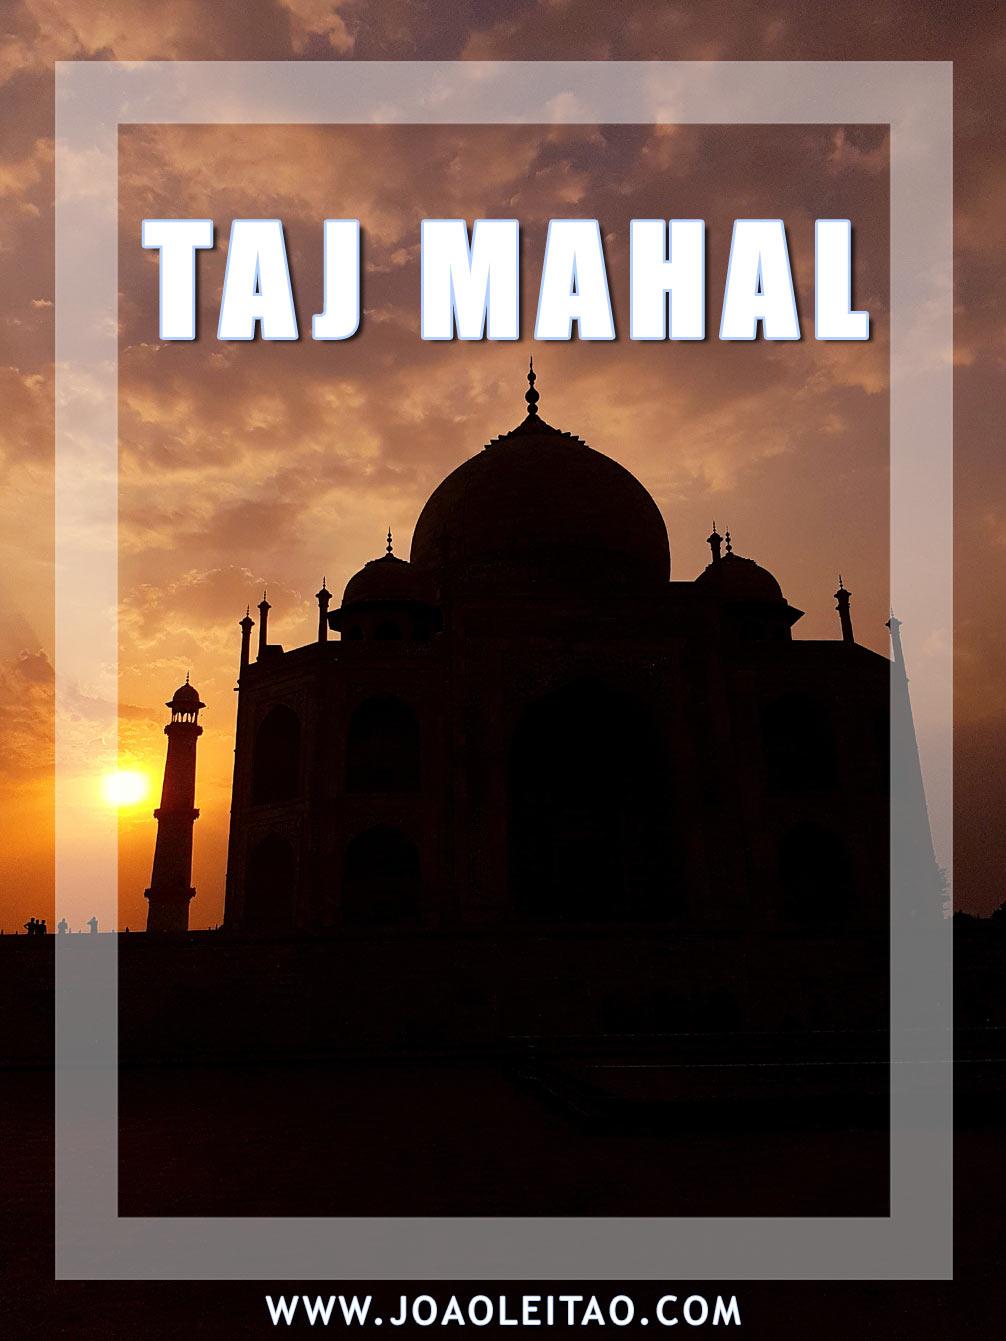 Visit Taj Mahal in India